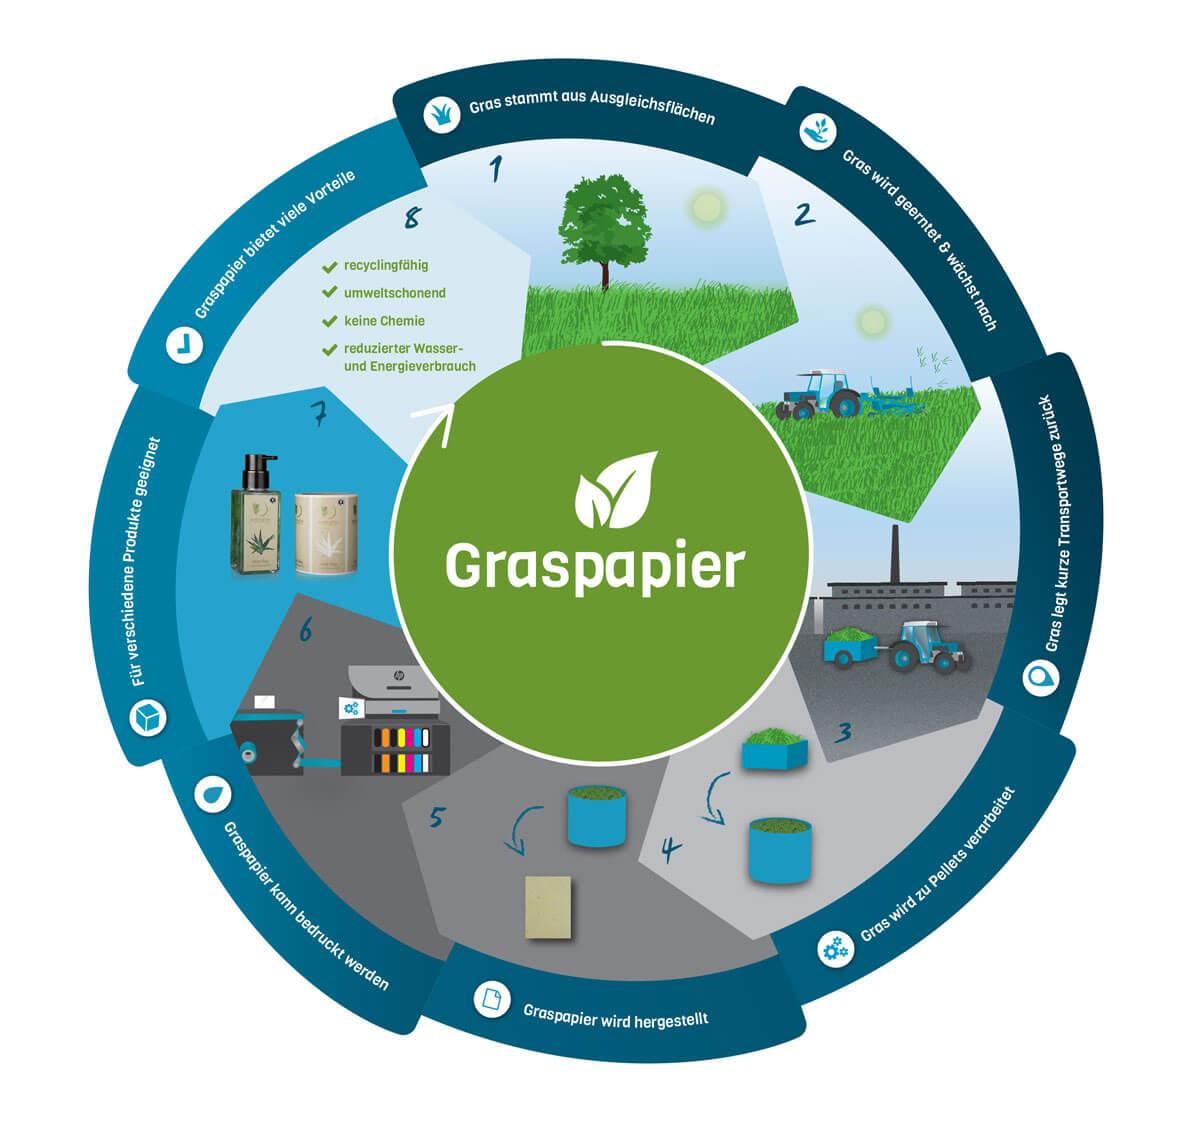 Graspapier_Kreislauf_Herstellung